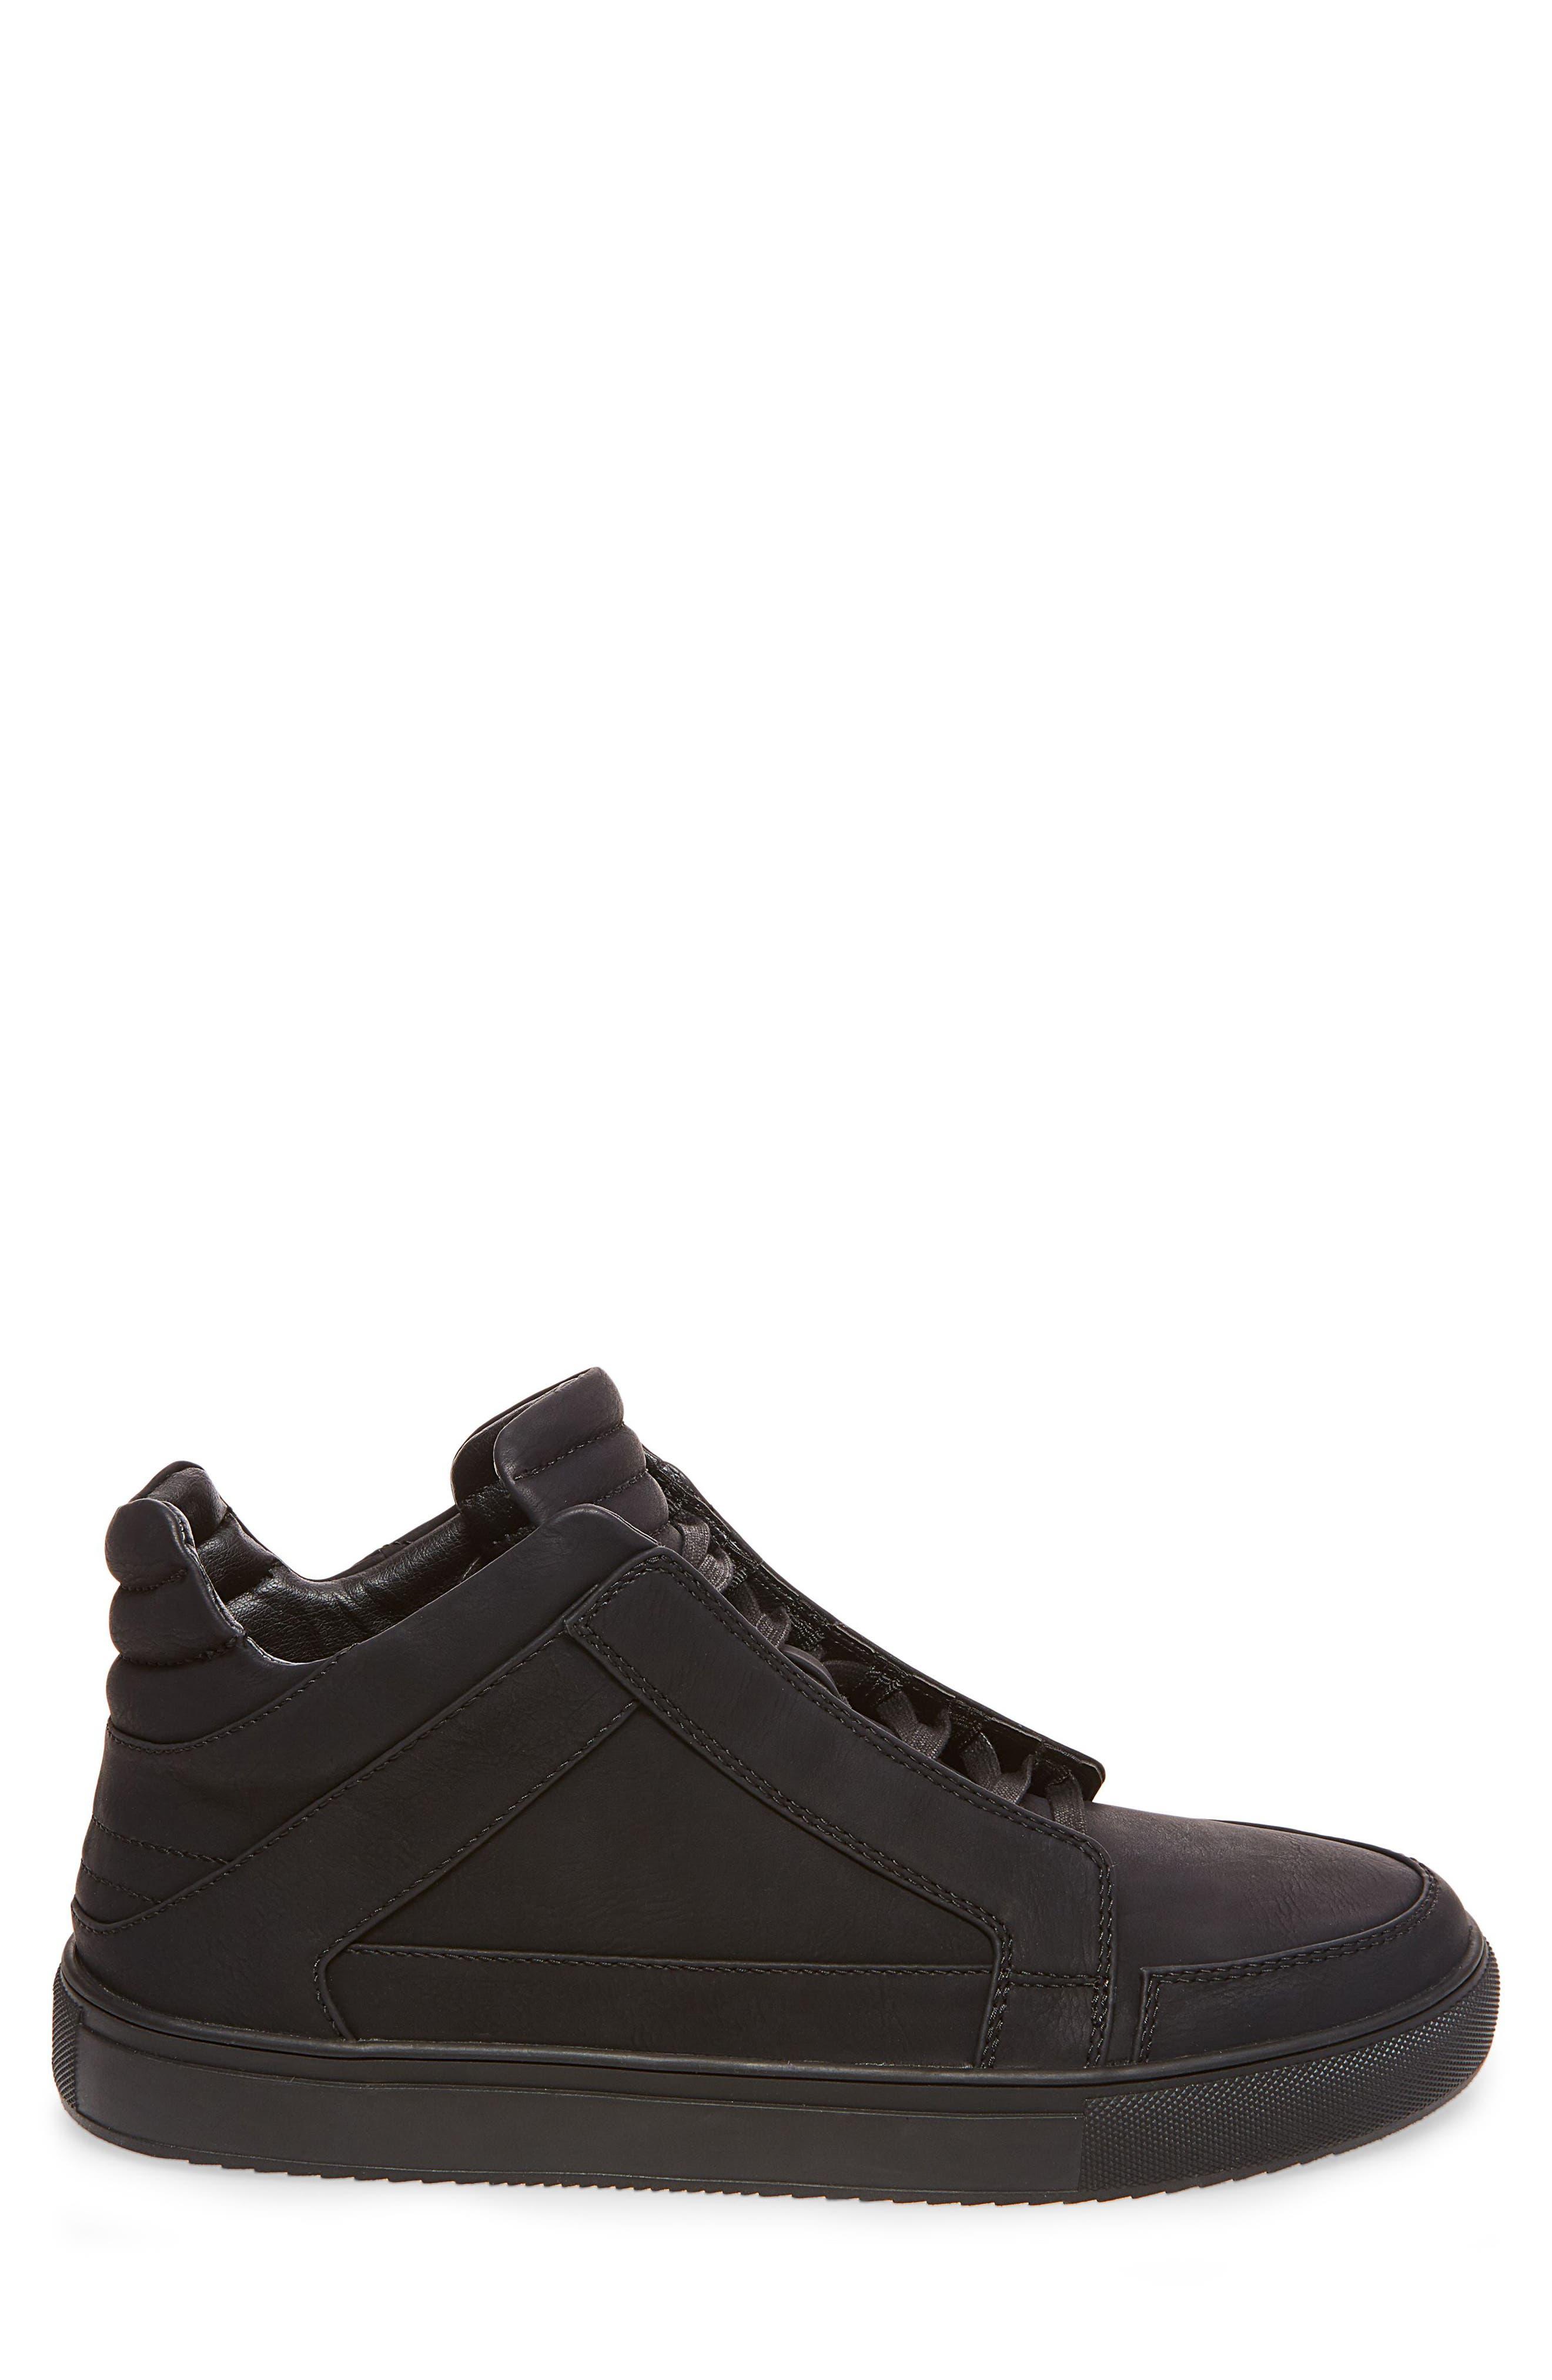 Defstar Sneaker,                             Alternate thumbnail 3, color,                             001